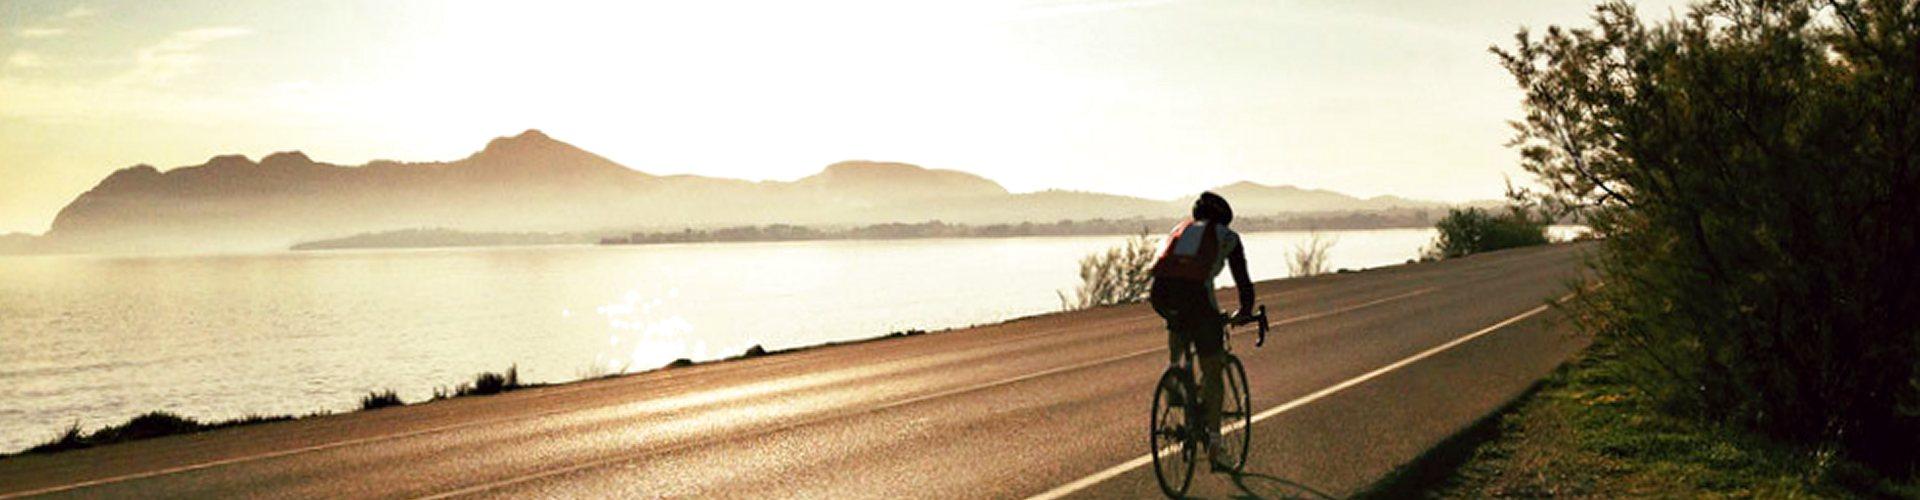 Inselurlaub mal anders: Unsere Rennradreise auf Mallorca